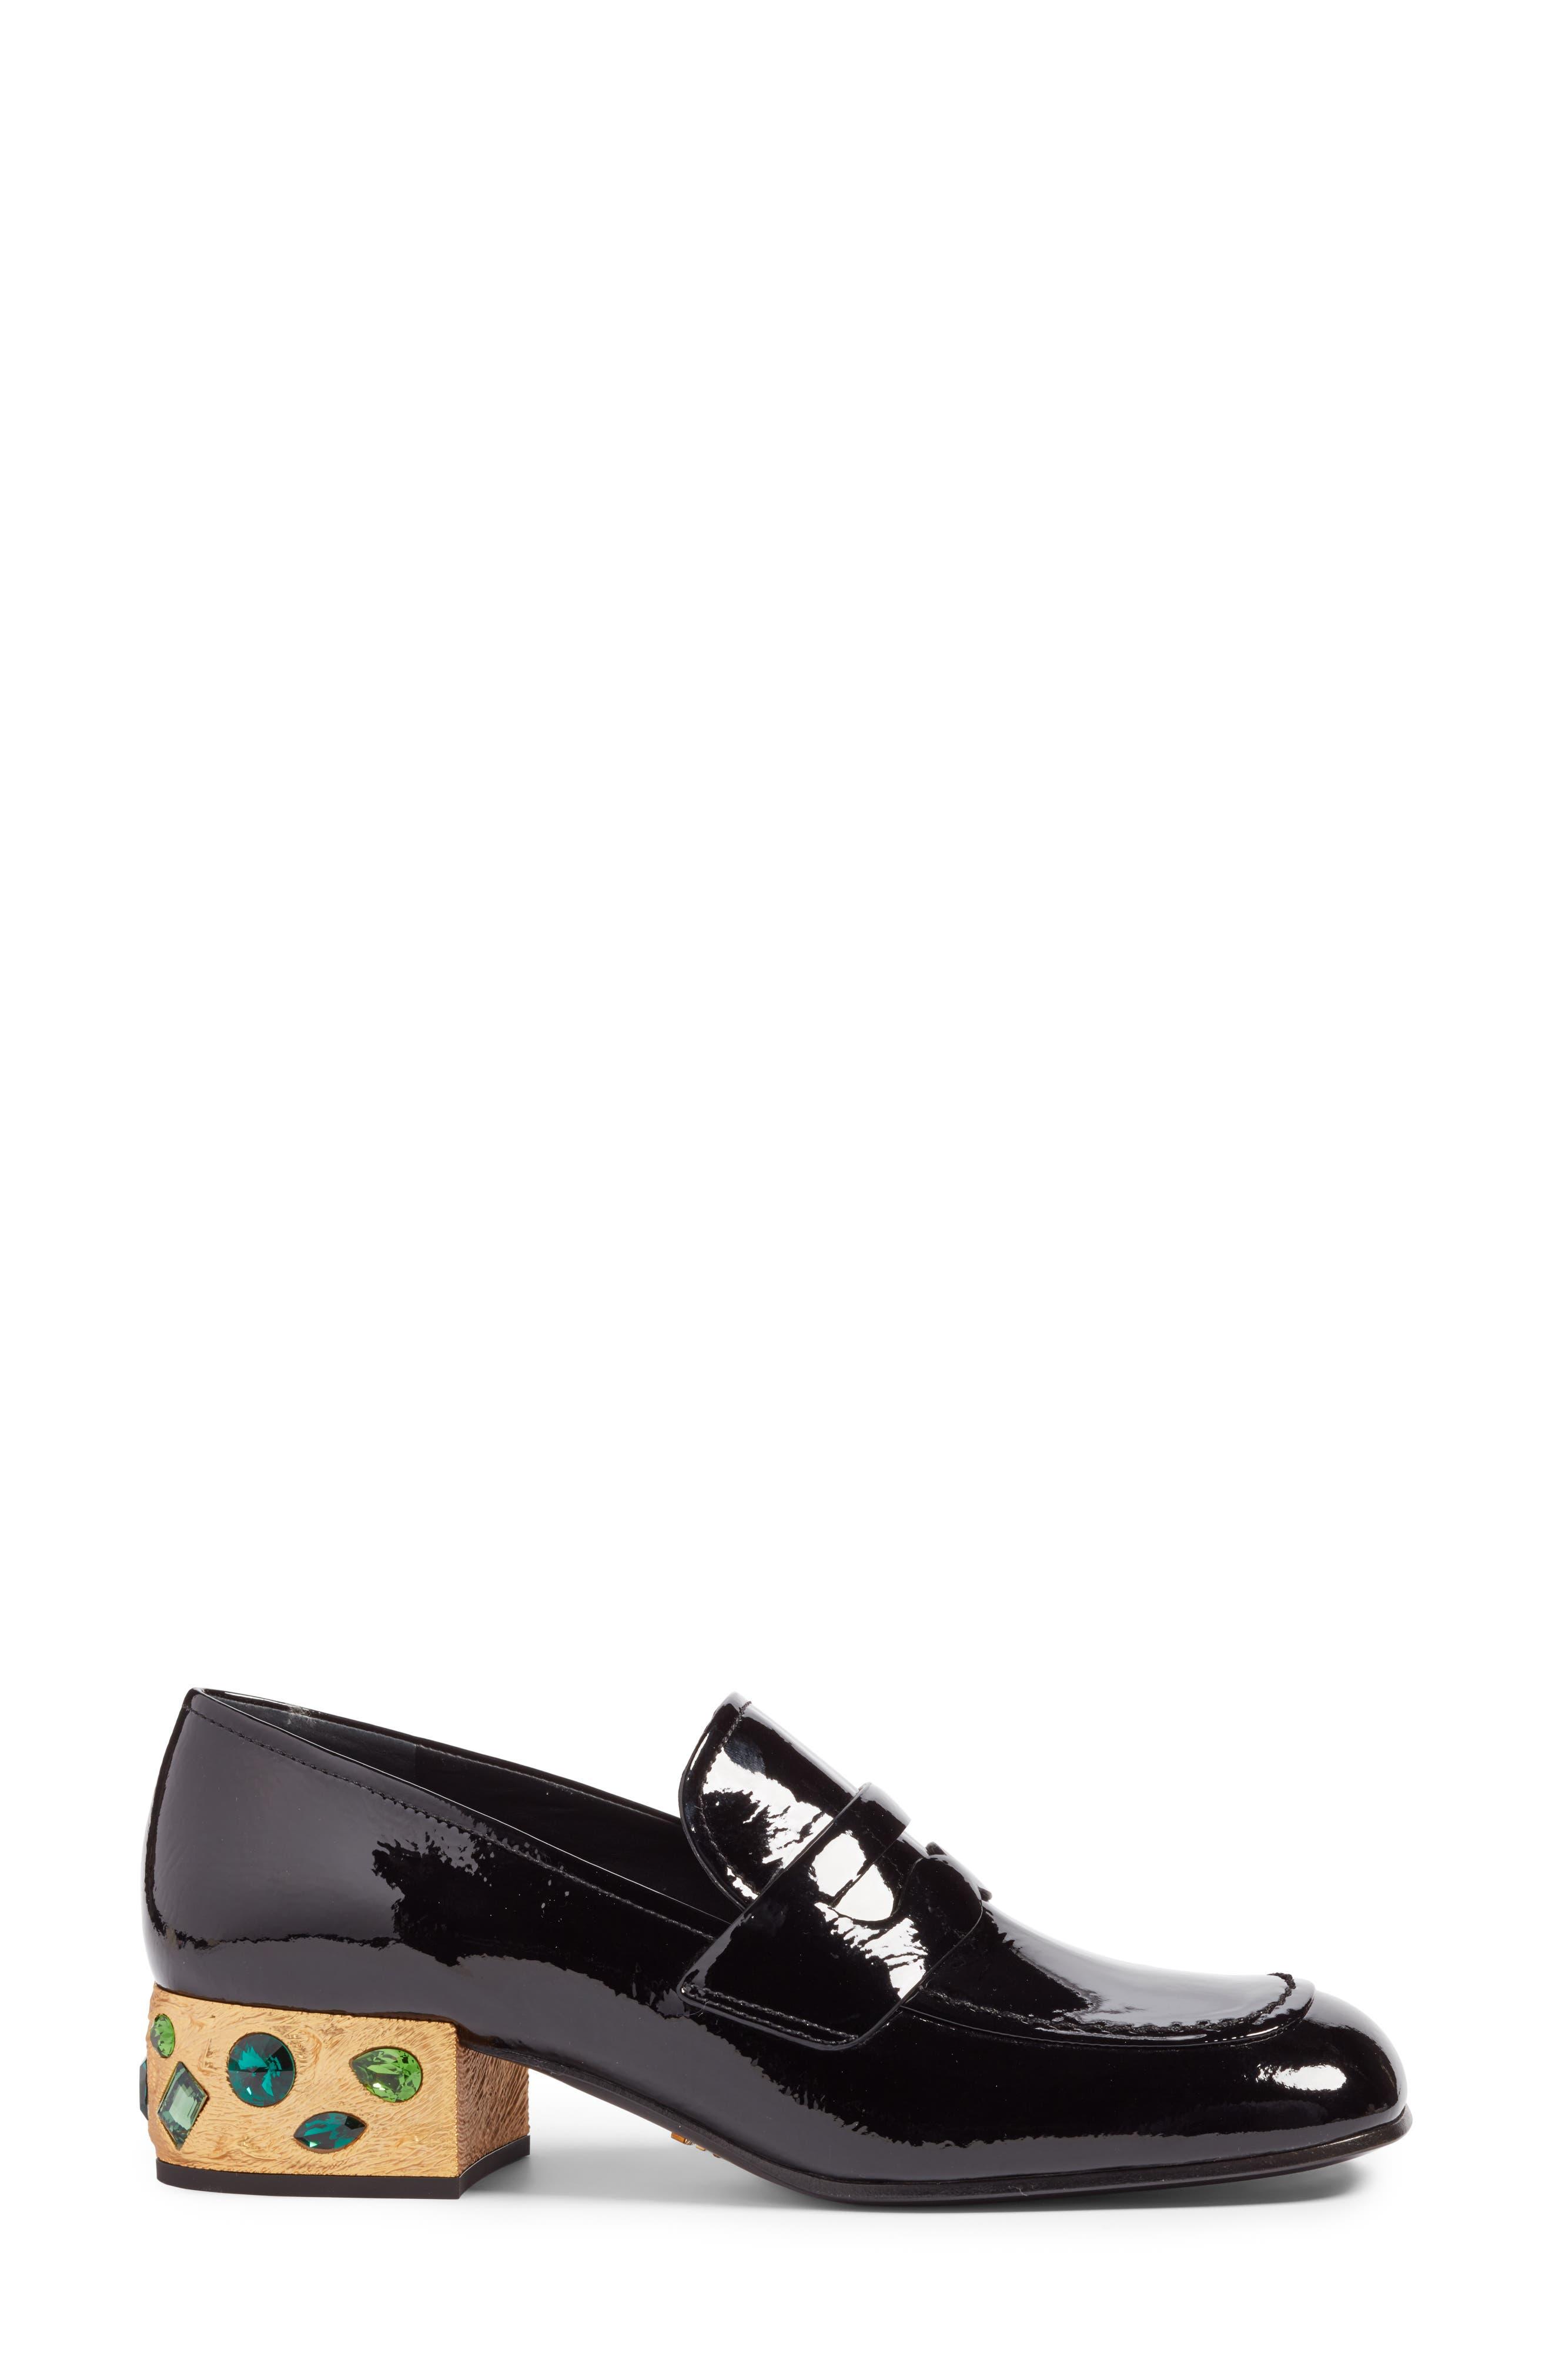 Alternate Image 3  - Prada Embellished Loafer (Women)